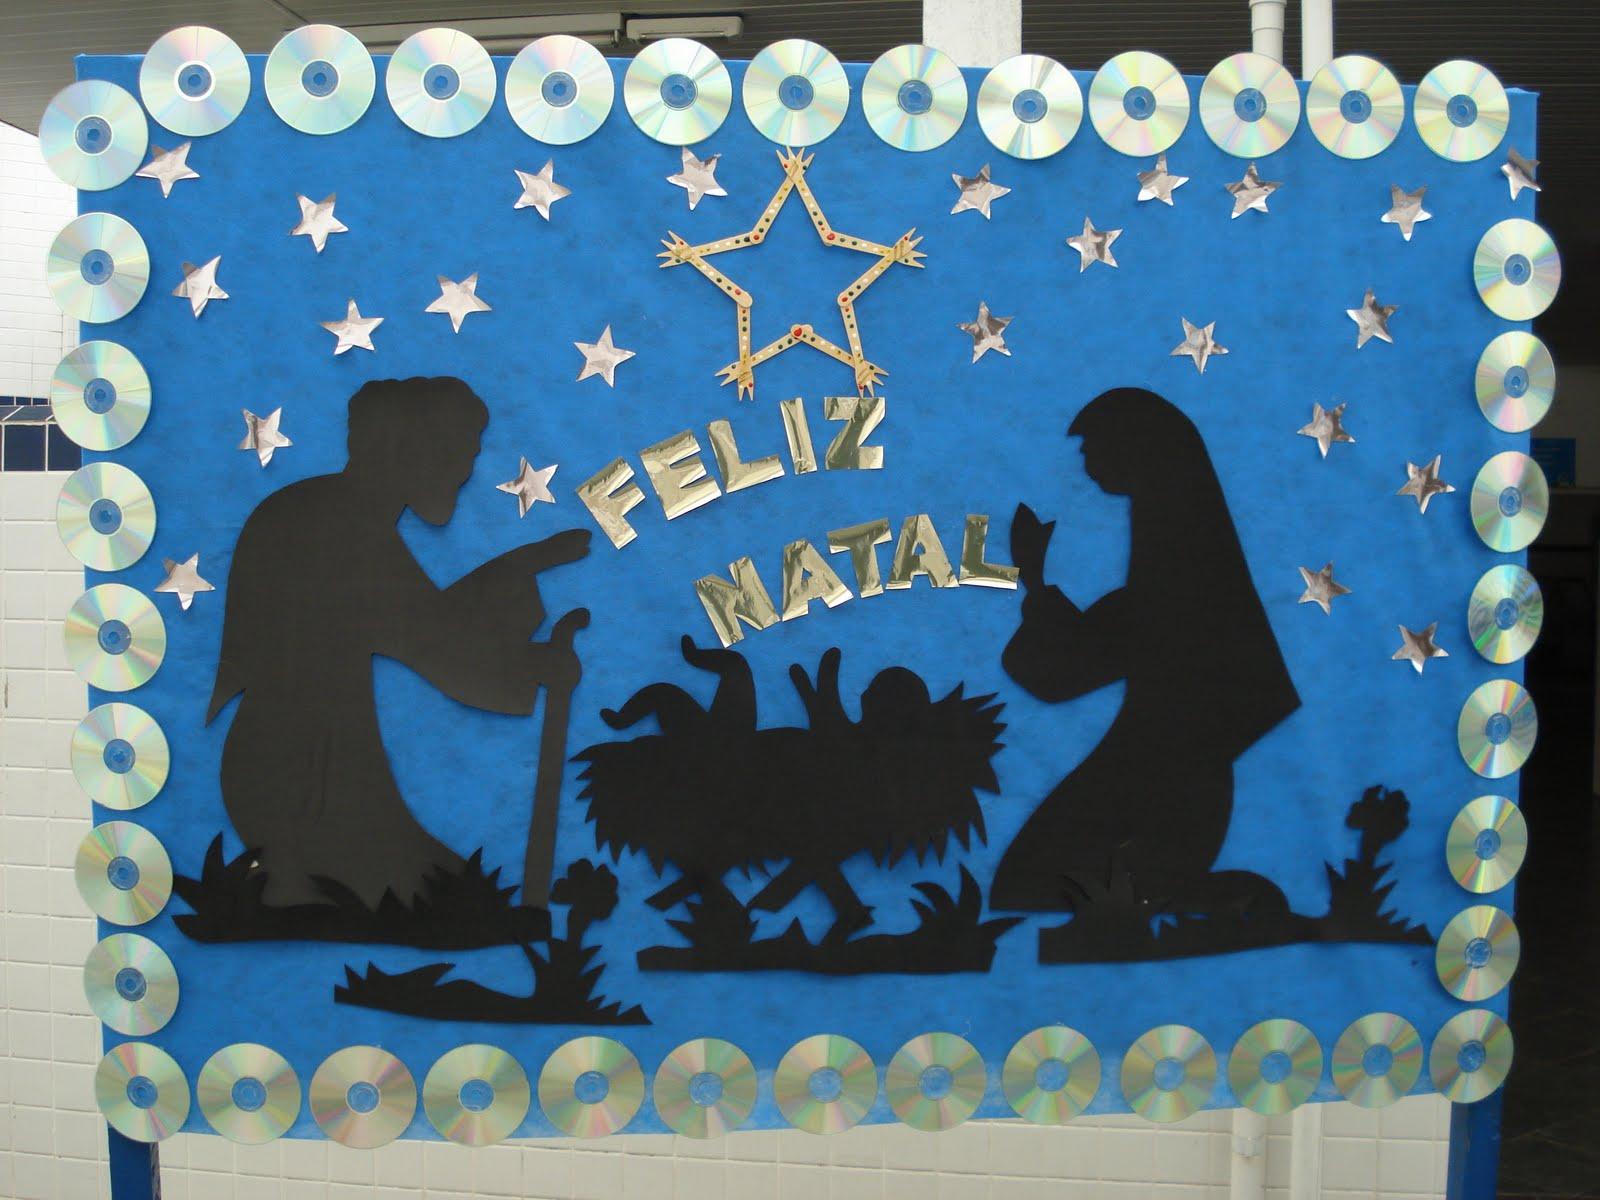 Criarte criando com arte painel de natal for Mural sobre o natal